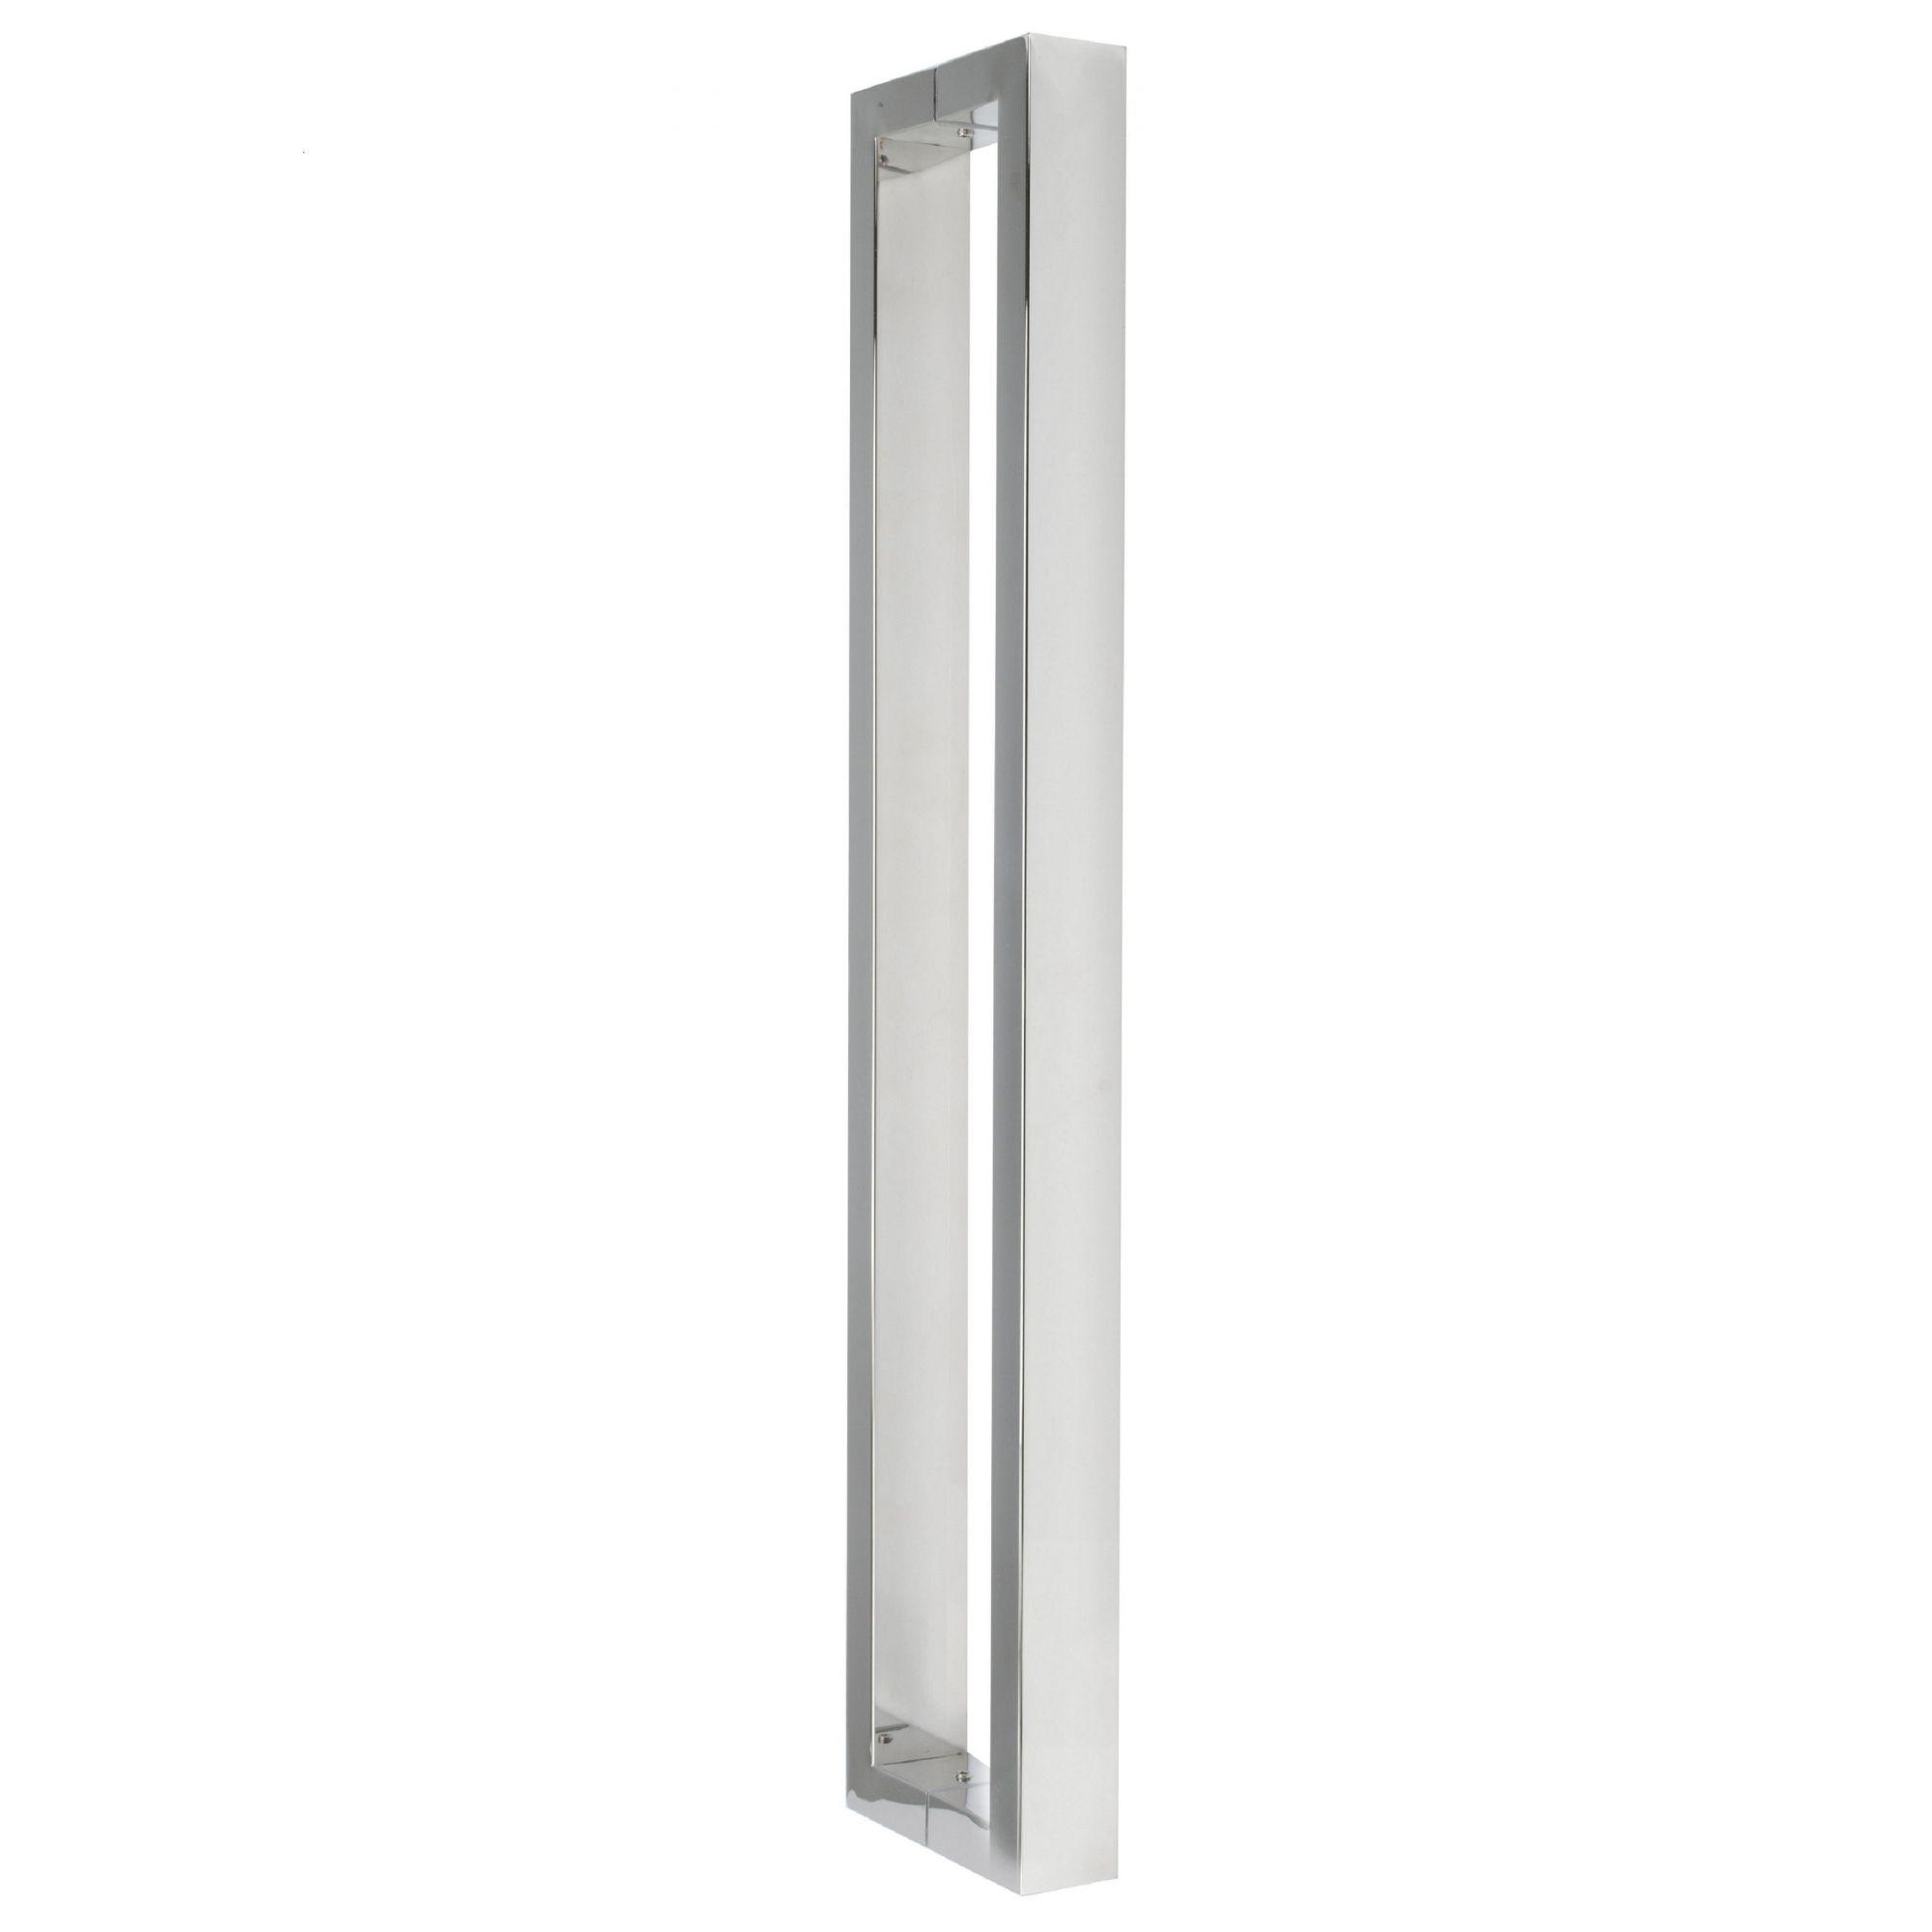 Puxador inox para porta madeira e vidro retangular U barra chata 60cm H07